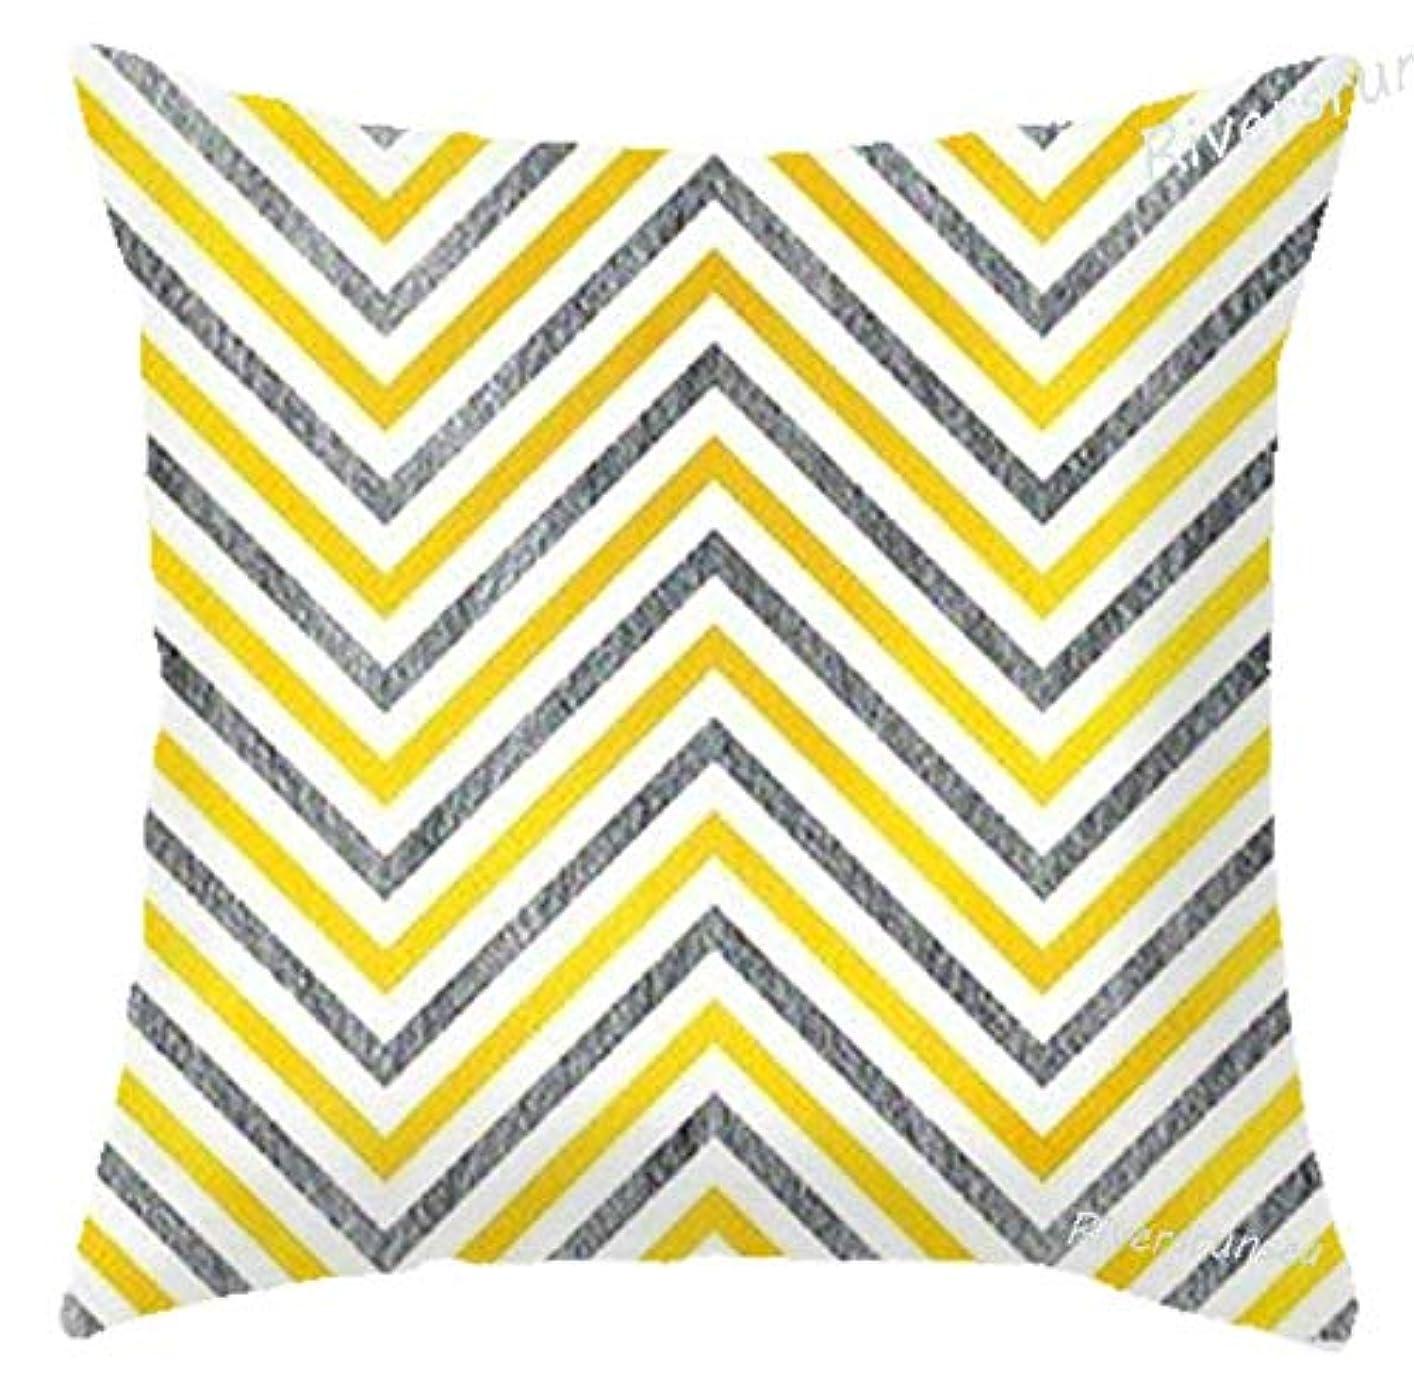 パケット危険を冒します険しいLIFE 北欧スタイルの家の装飾幾何学的なクッションミニマリスト装飾ゲイリー金箔の花の枕のためのリビングルームの椅子 クッション 椅子